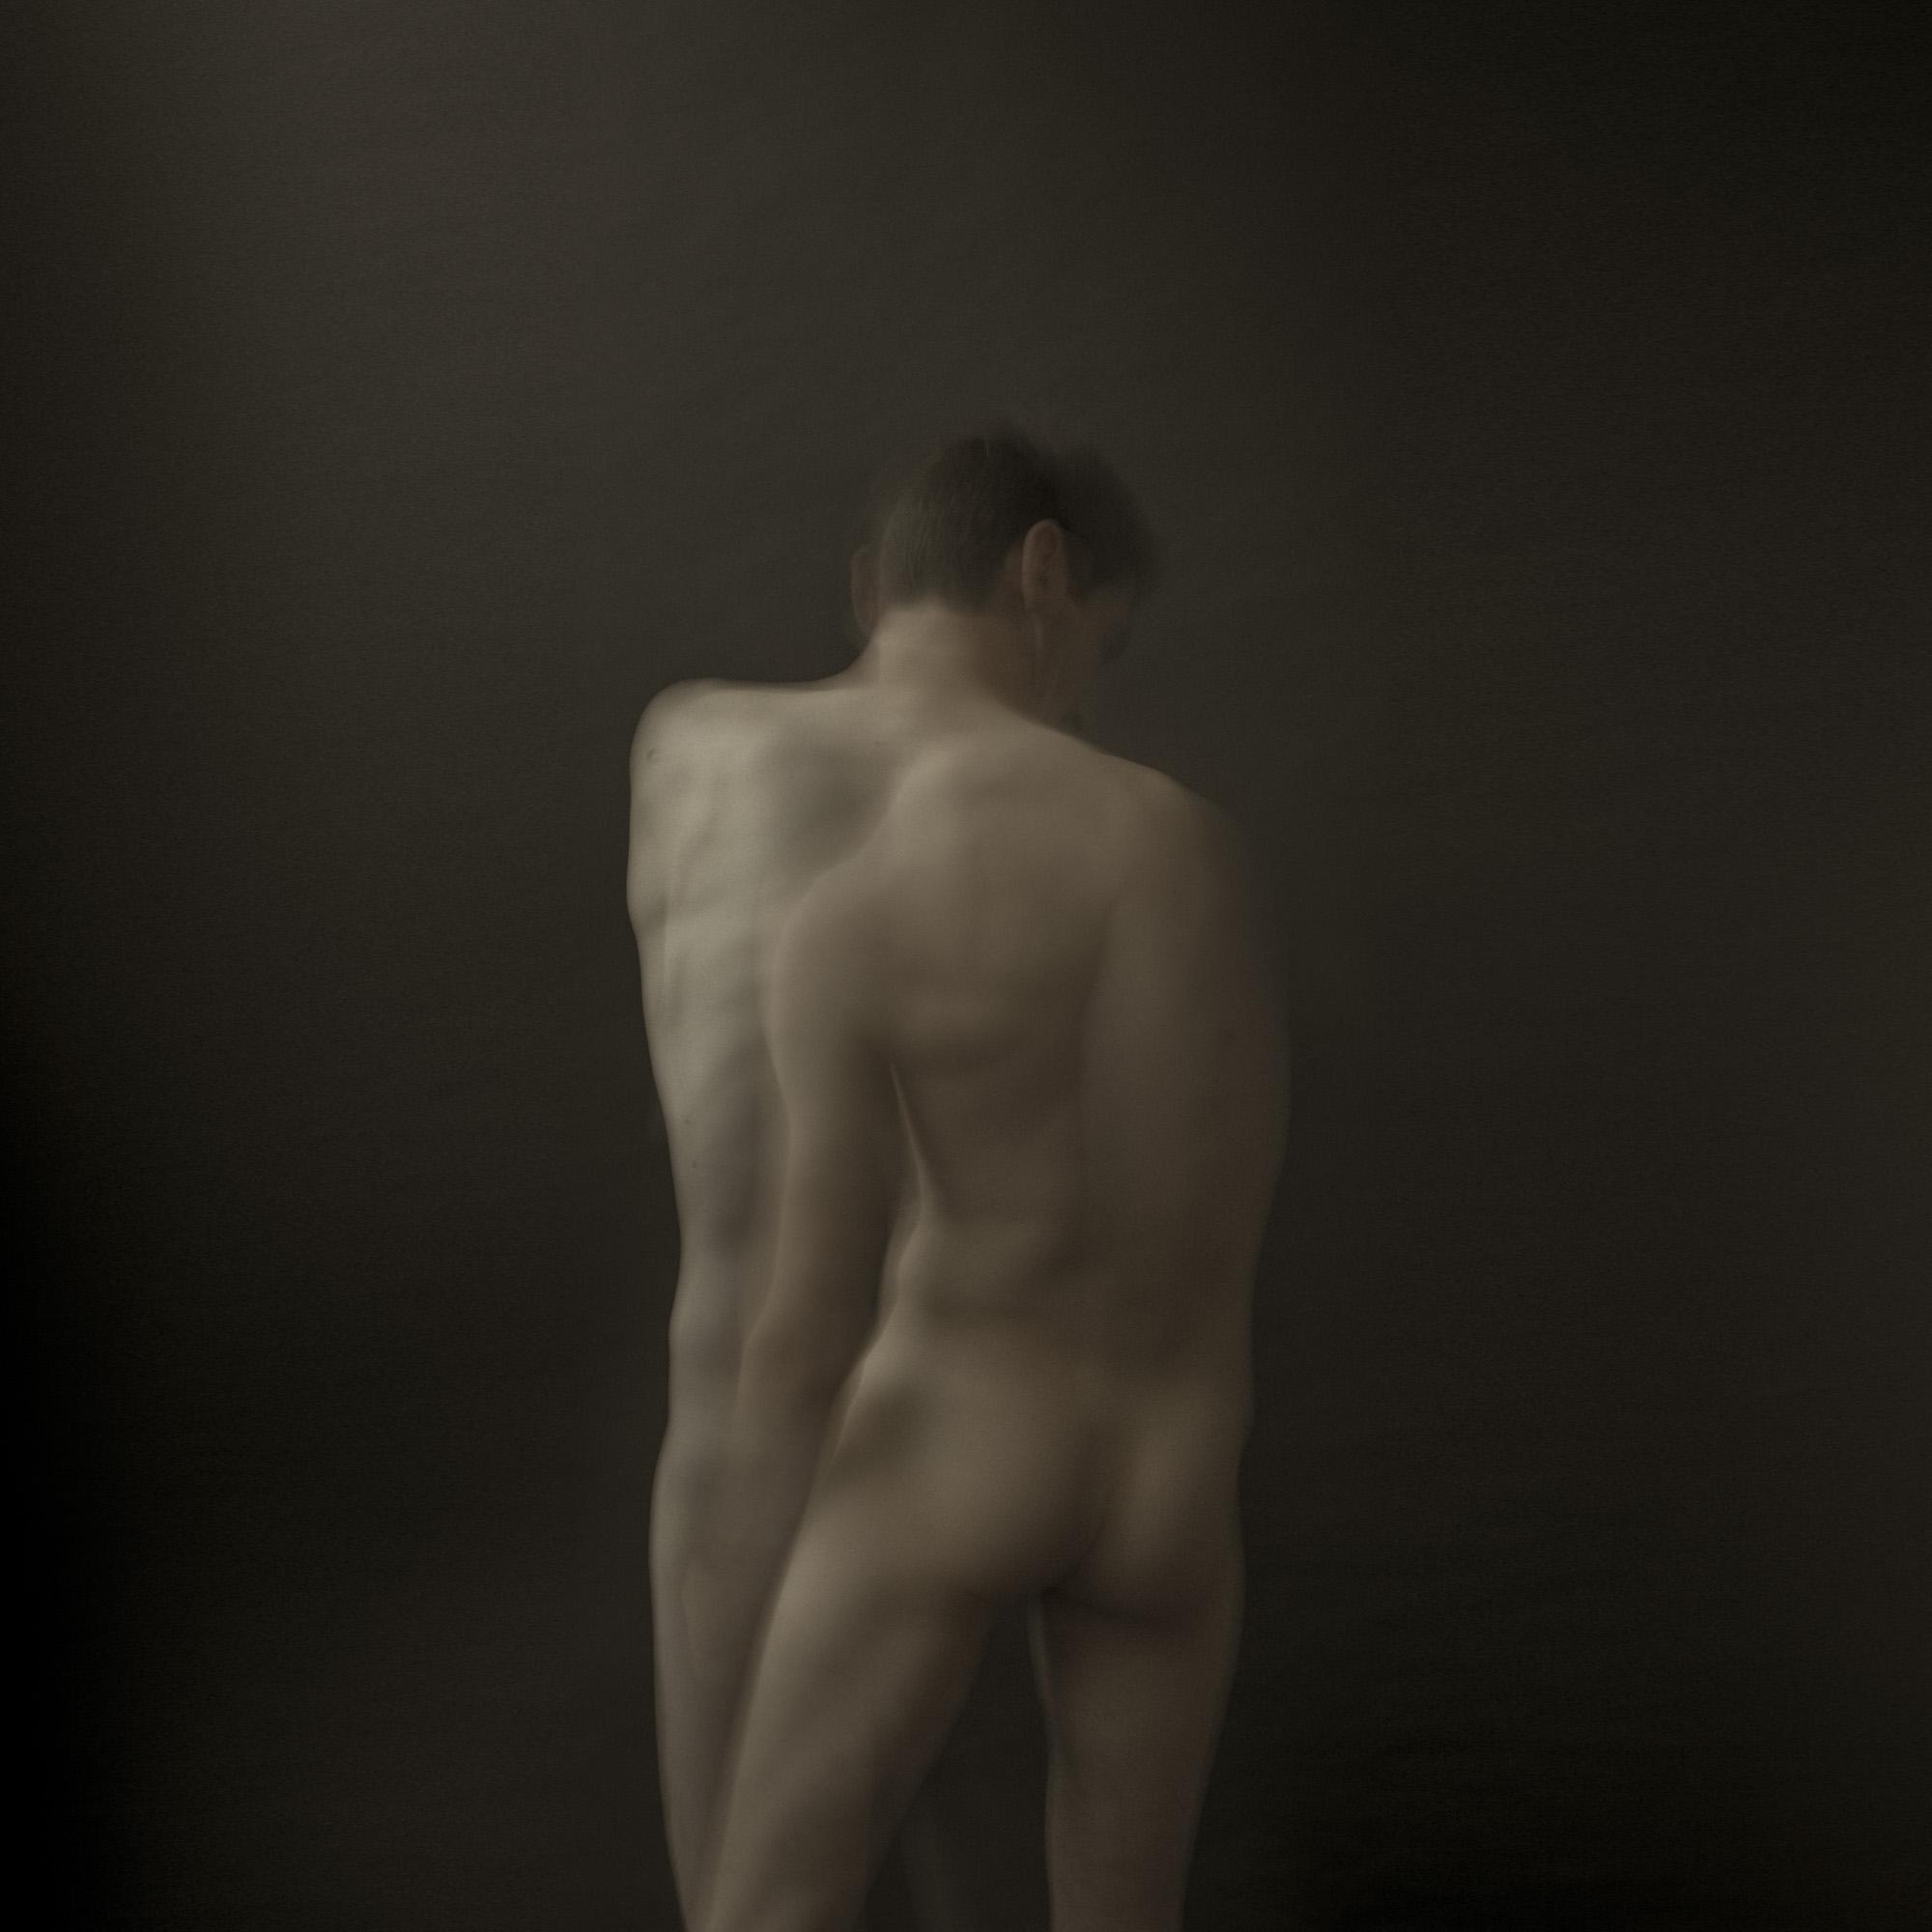 A la manière noire - Photo : Stephan Norsic photographe